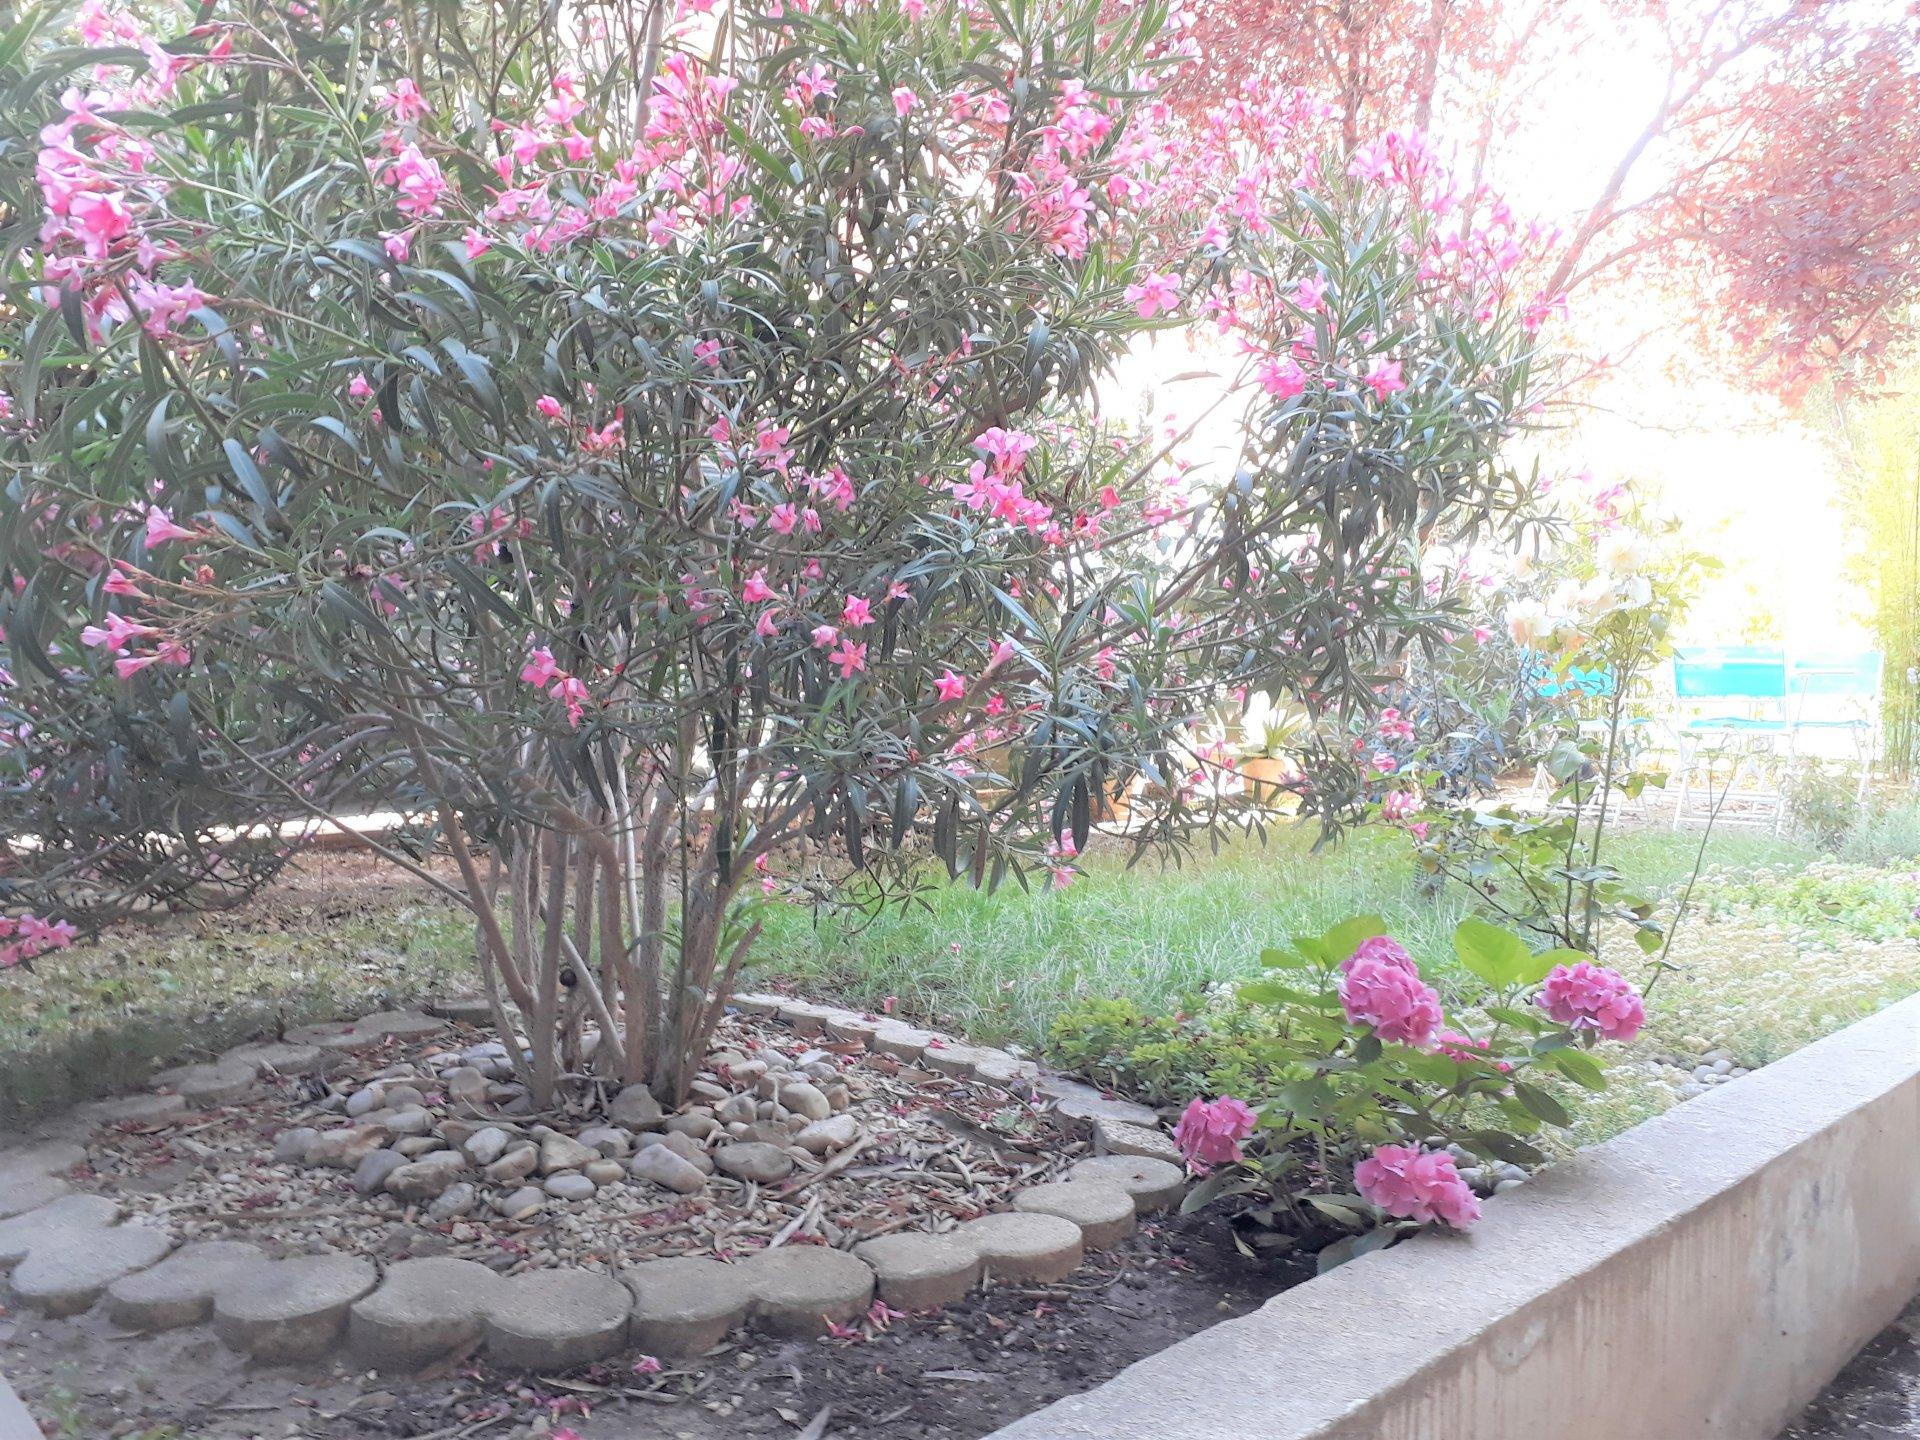 Magnifique jardin arboré et fleuri